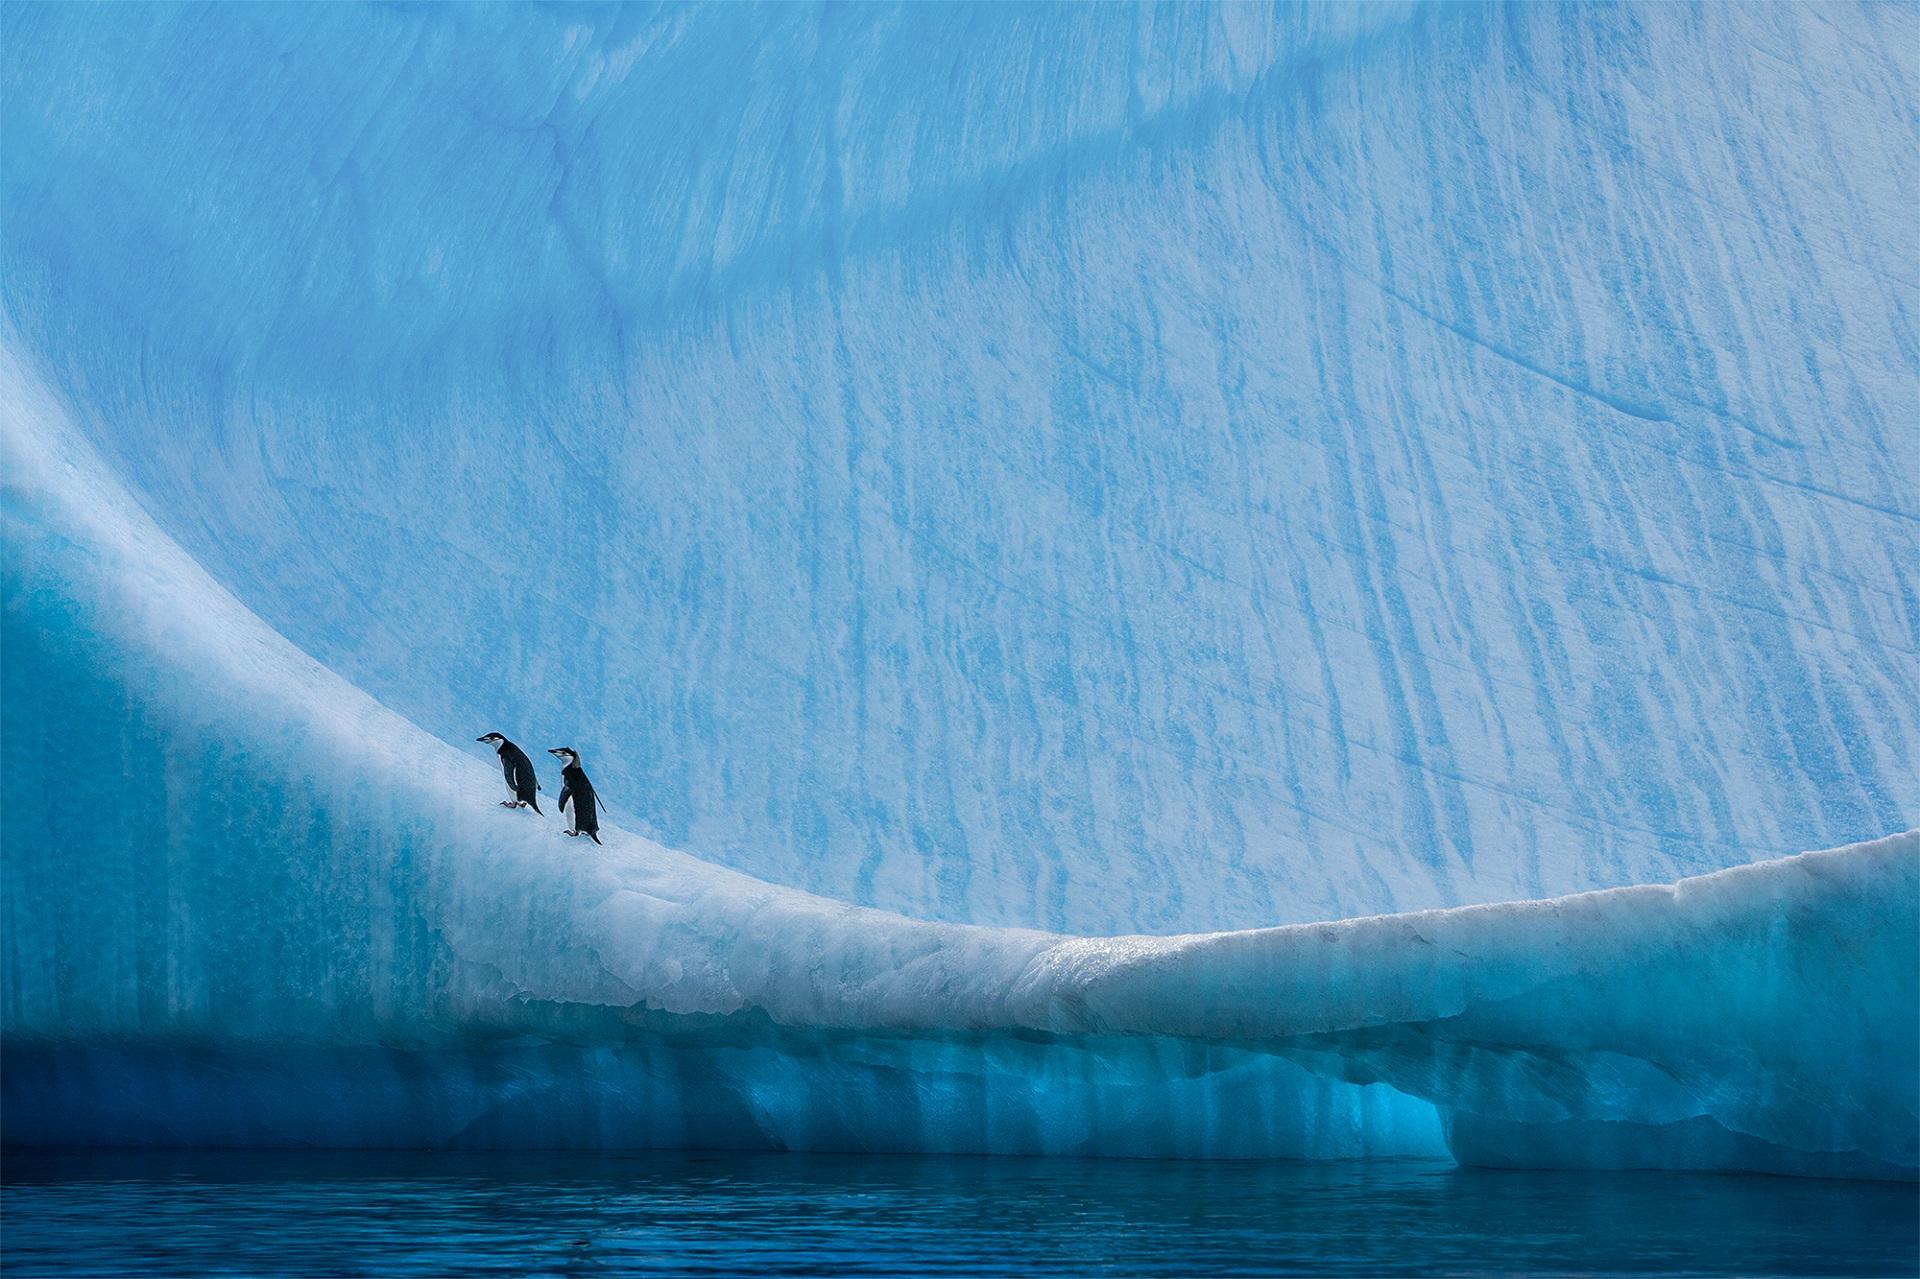 Exposition de photographie à Paris, exposition Paul Nicklen